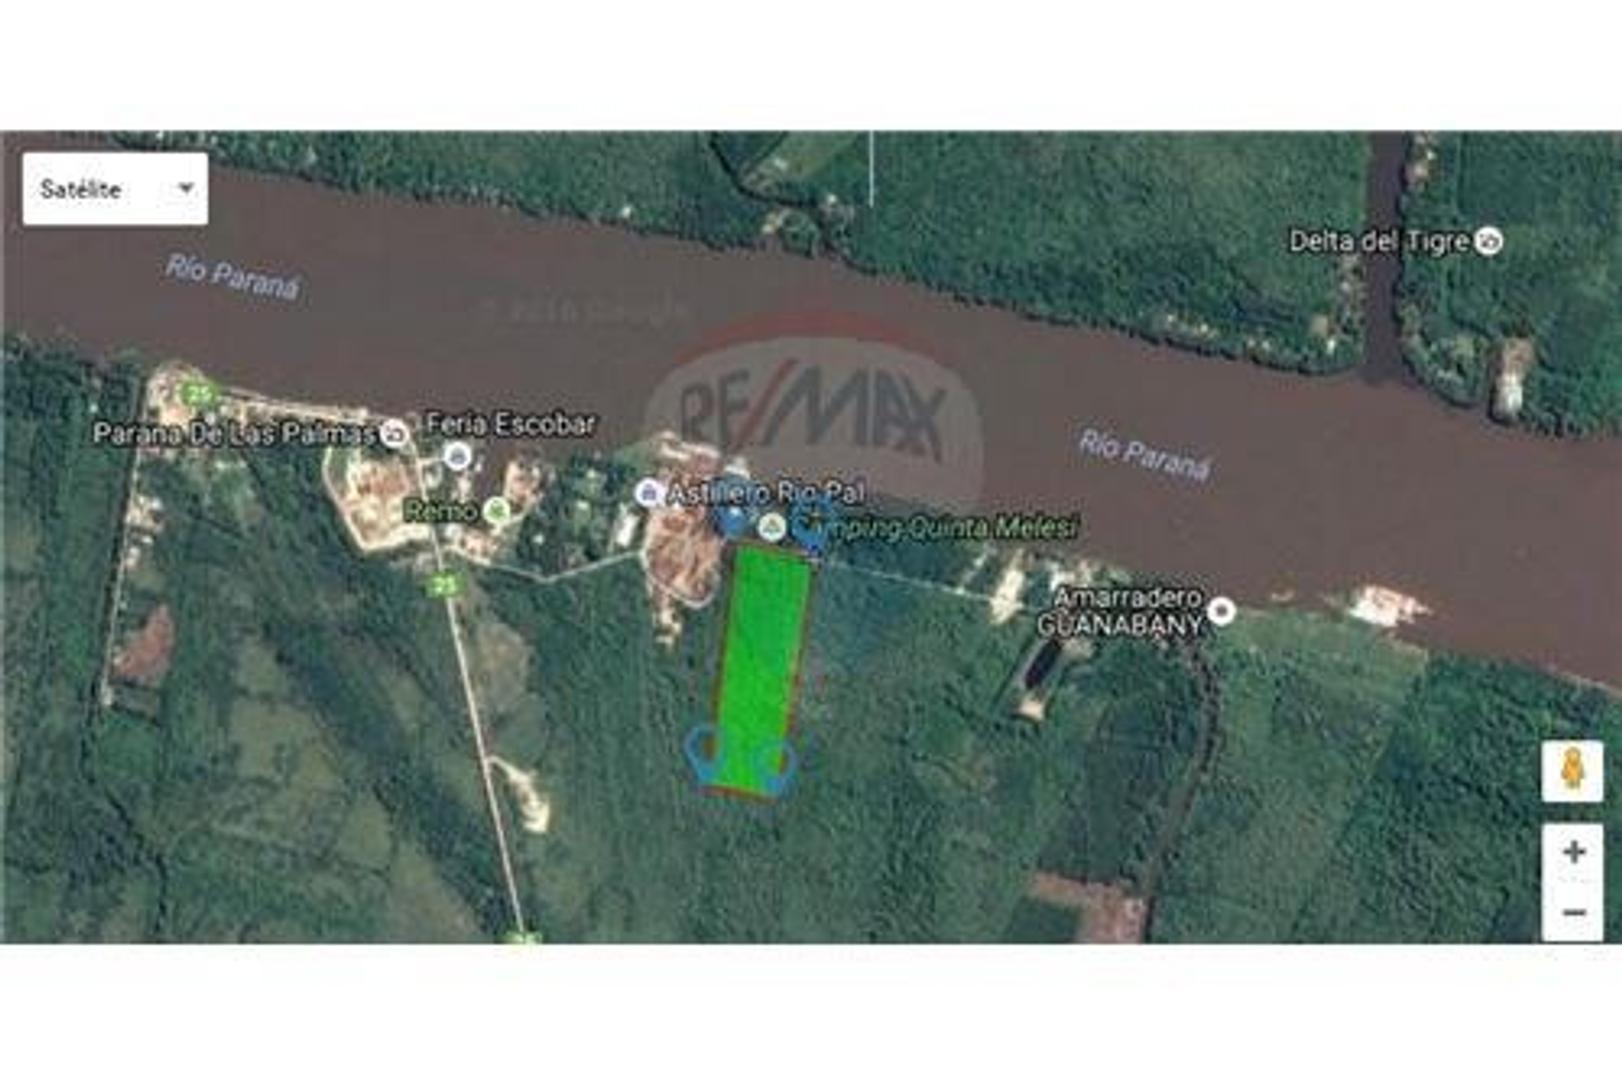 Espectacülar Lote de 6 hectáreas en Escobar